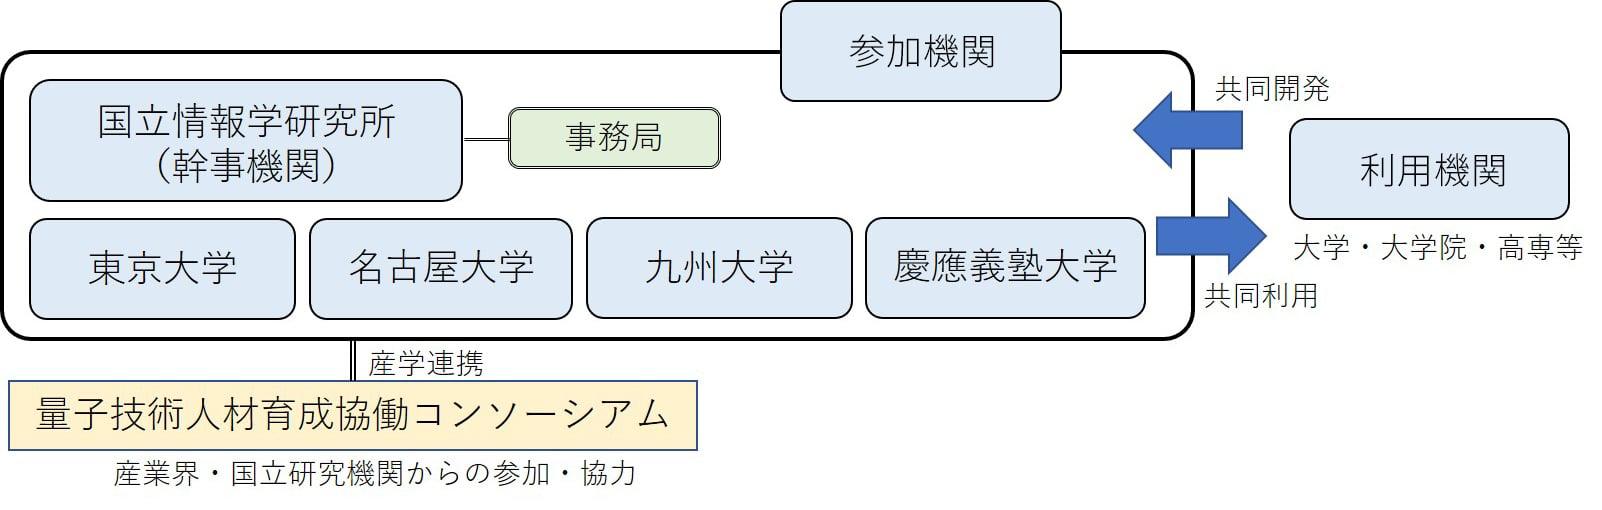 量子技術高等教育拠点組織図